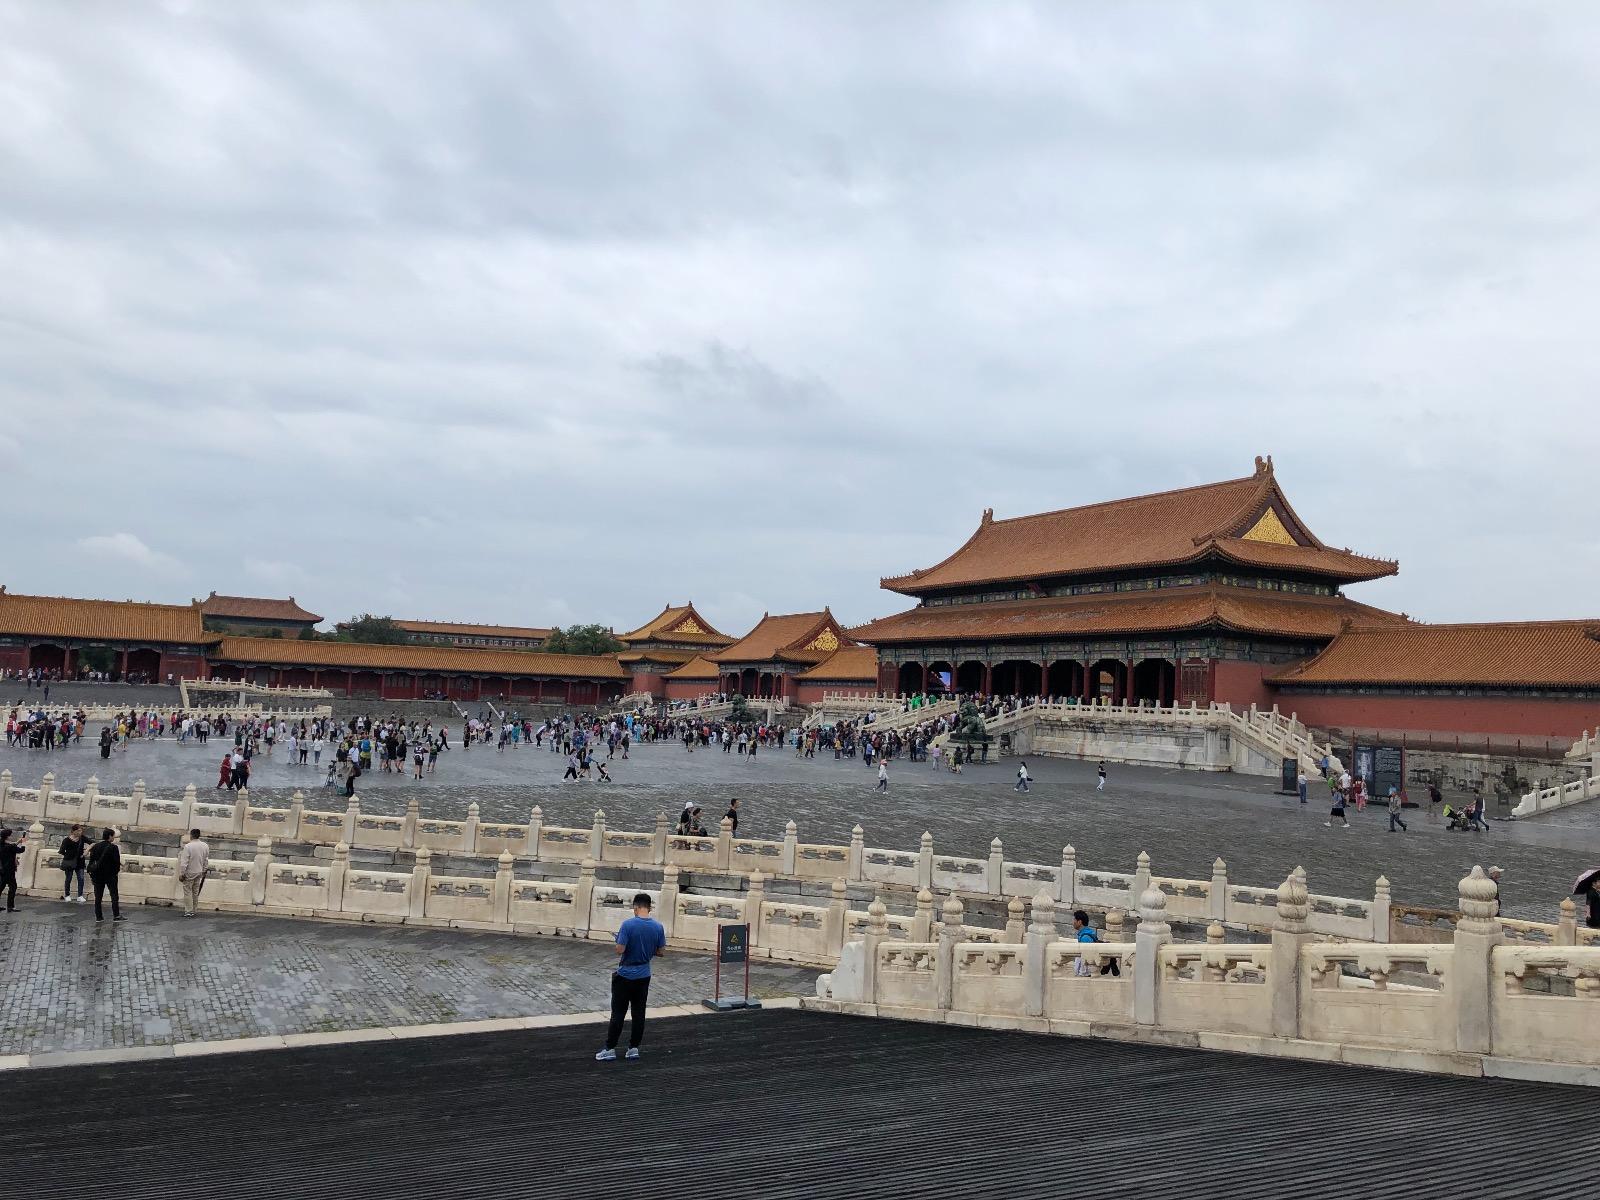 https://www.eberhardt-travel.de/reisebilder/reisetipp/vorbereitung-auf-eine-china-reise/original/1823488